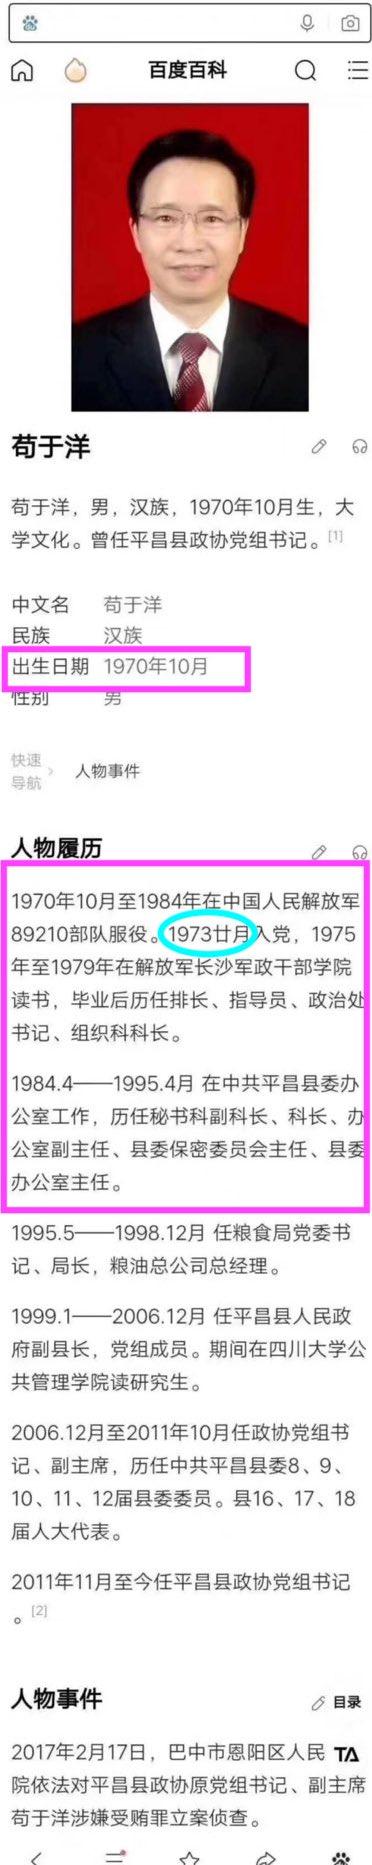 百度百科中的中共平昌县政协前副主席苟于洋词条。(网络图片)